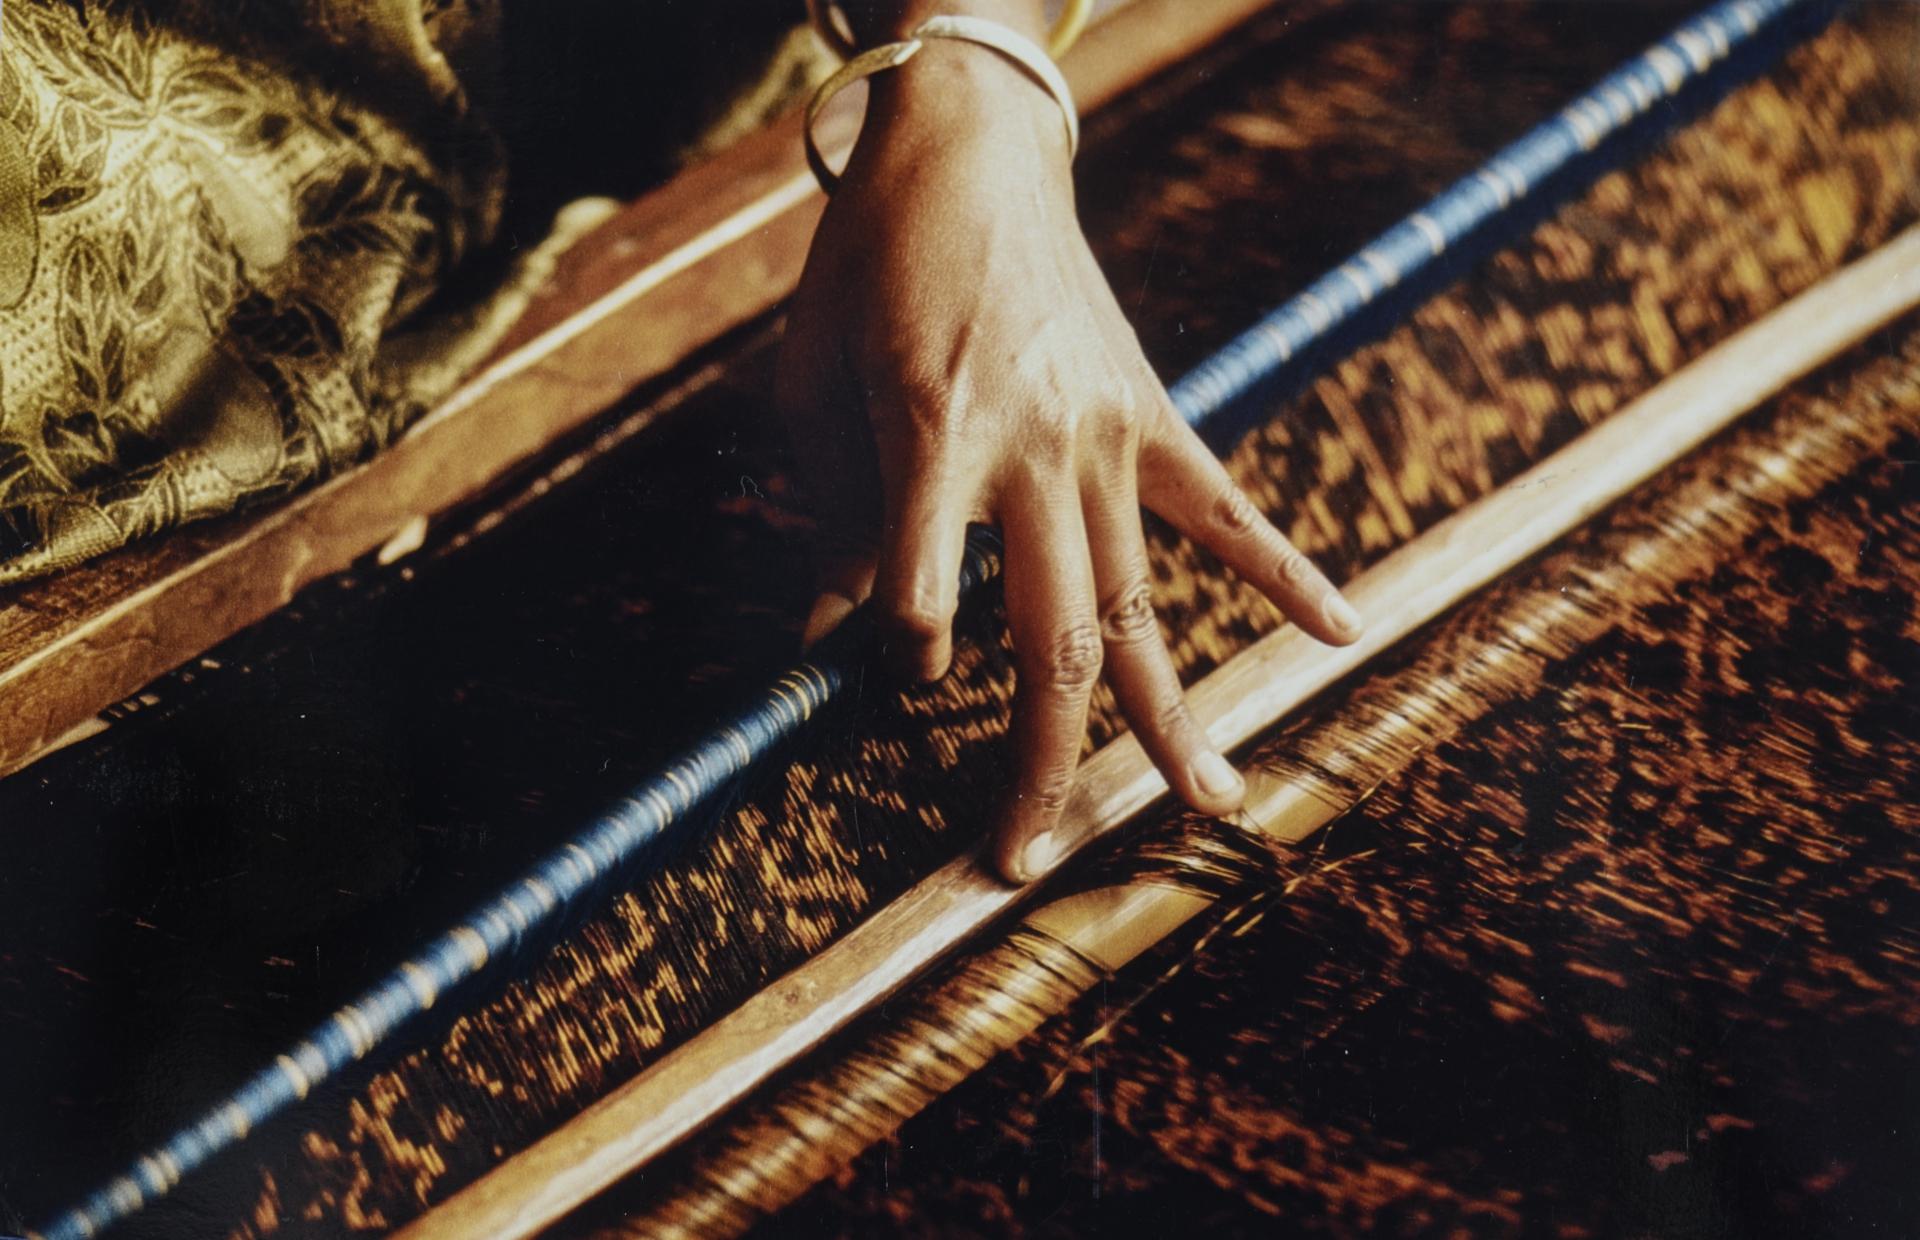 Textile Verzauberung - Webkunst aus Flores, Gastausstellung @ Thür Art Manufacture, © Sabine Wunderlin, Zuerich, Switzerland